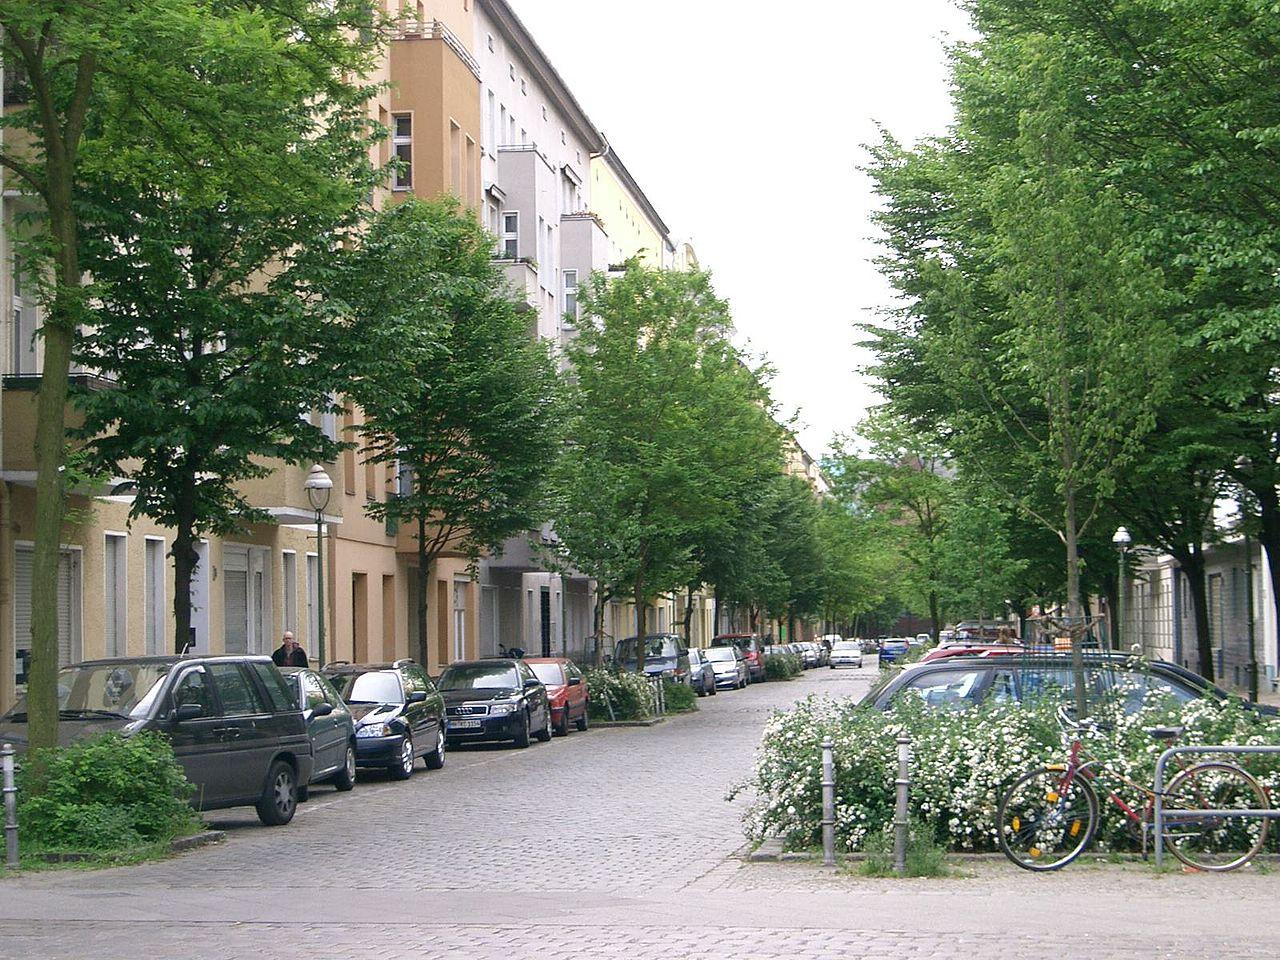 Carro alugado em Berlim